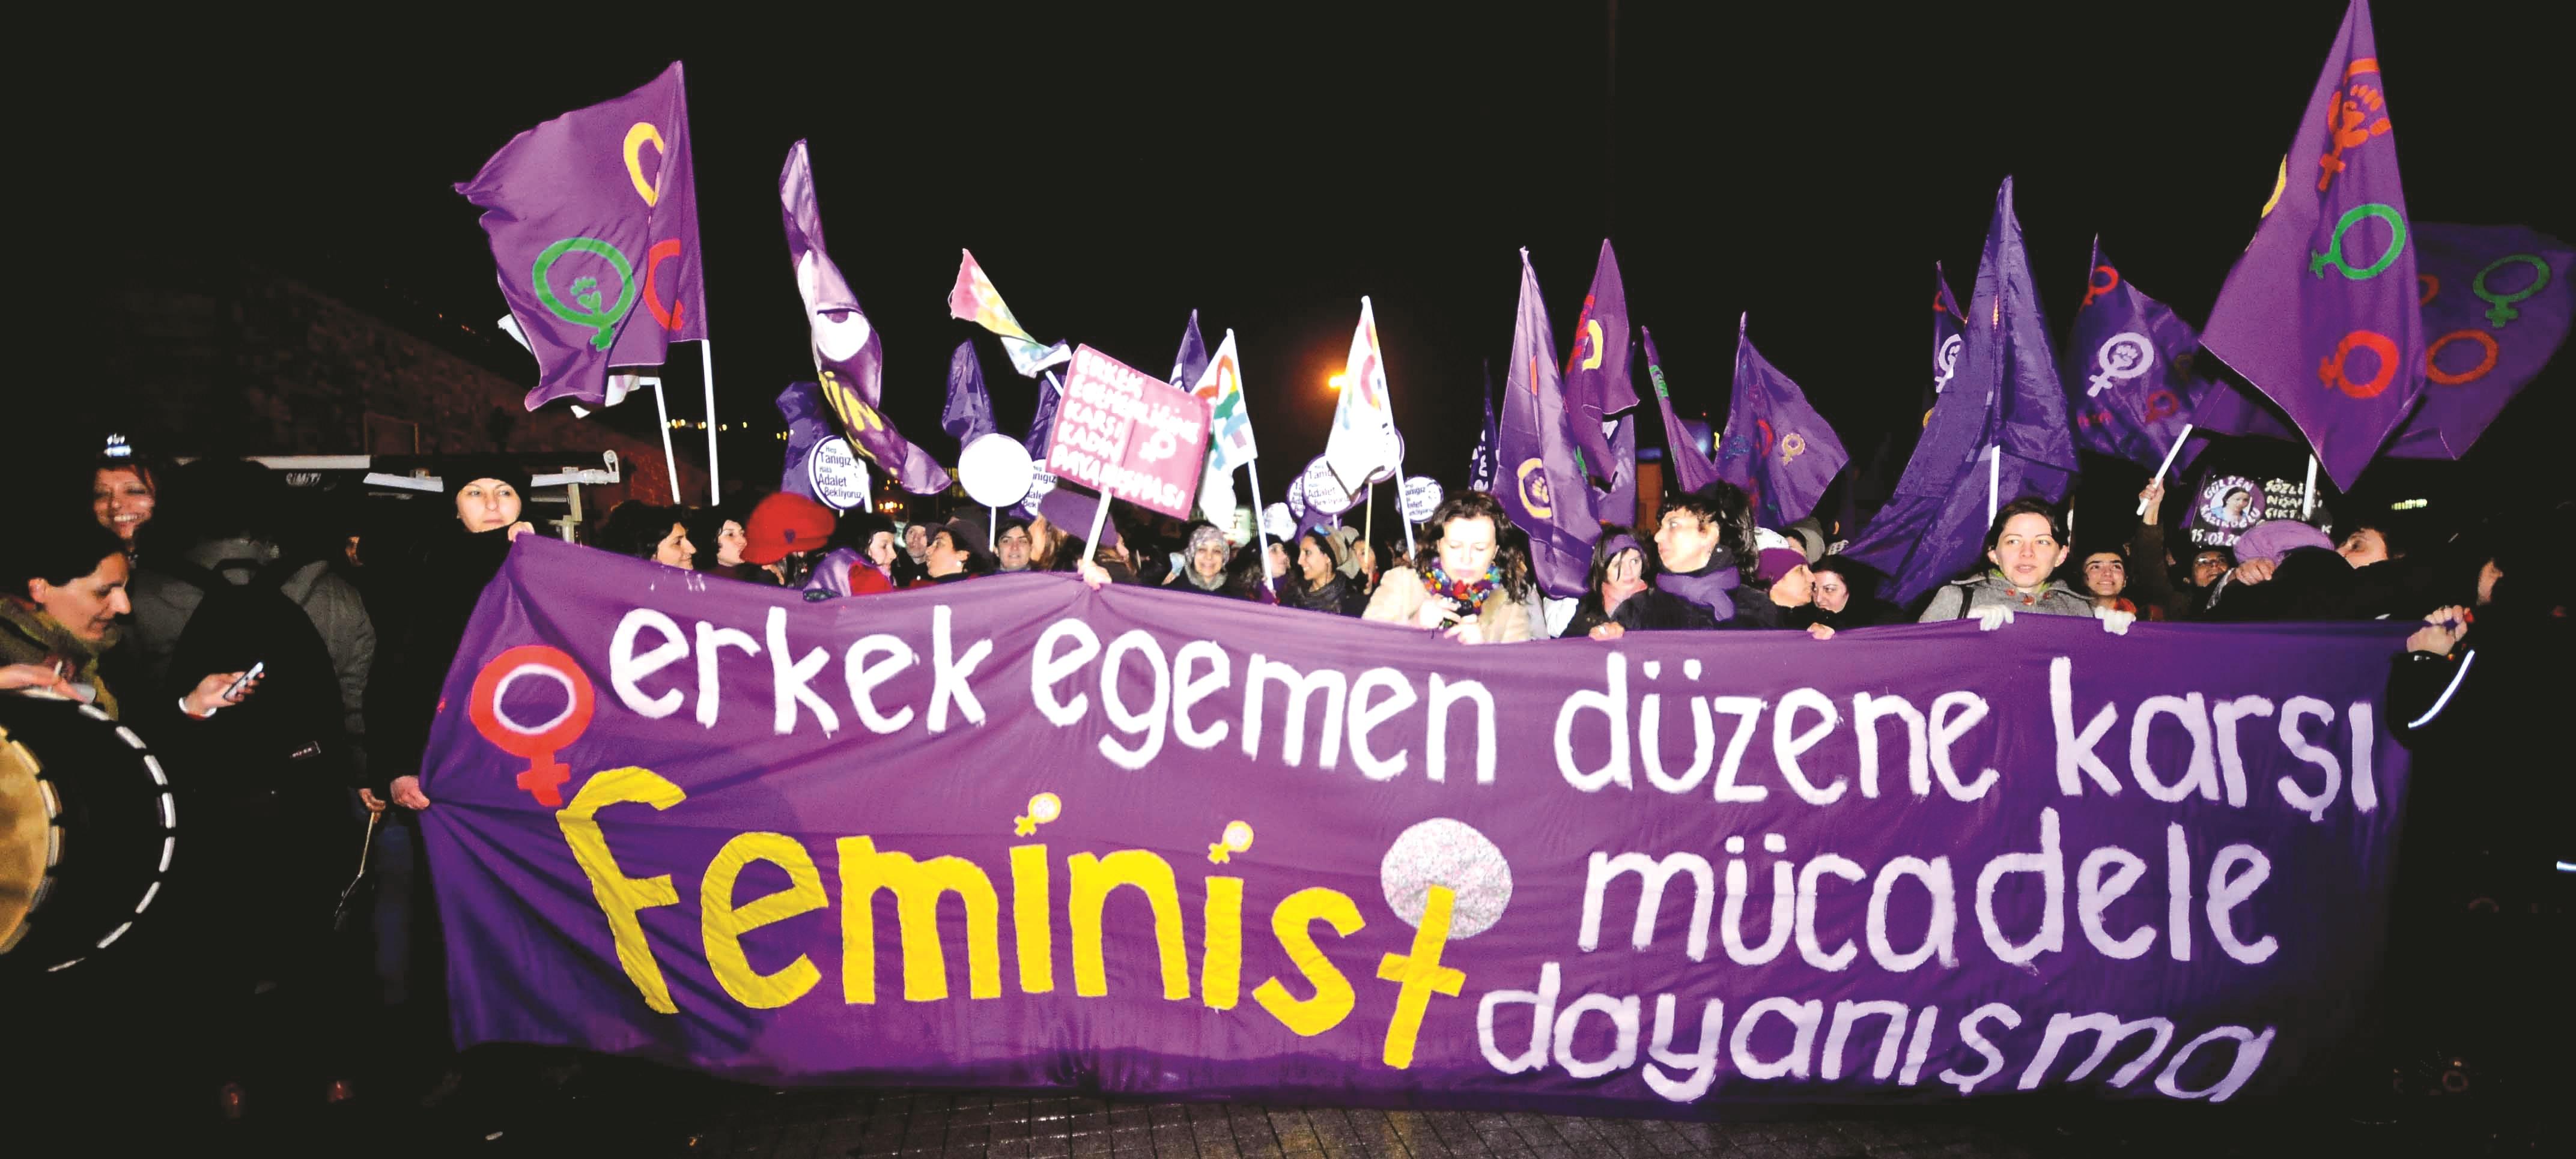 PUSULA | Eşitlik mi özgürlük mü? Kadın sorununa nasıl yaklaşmalı?